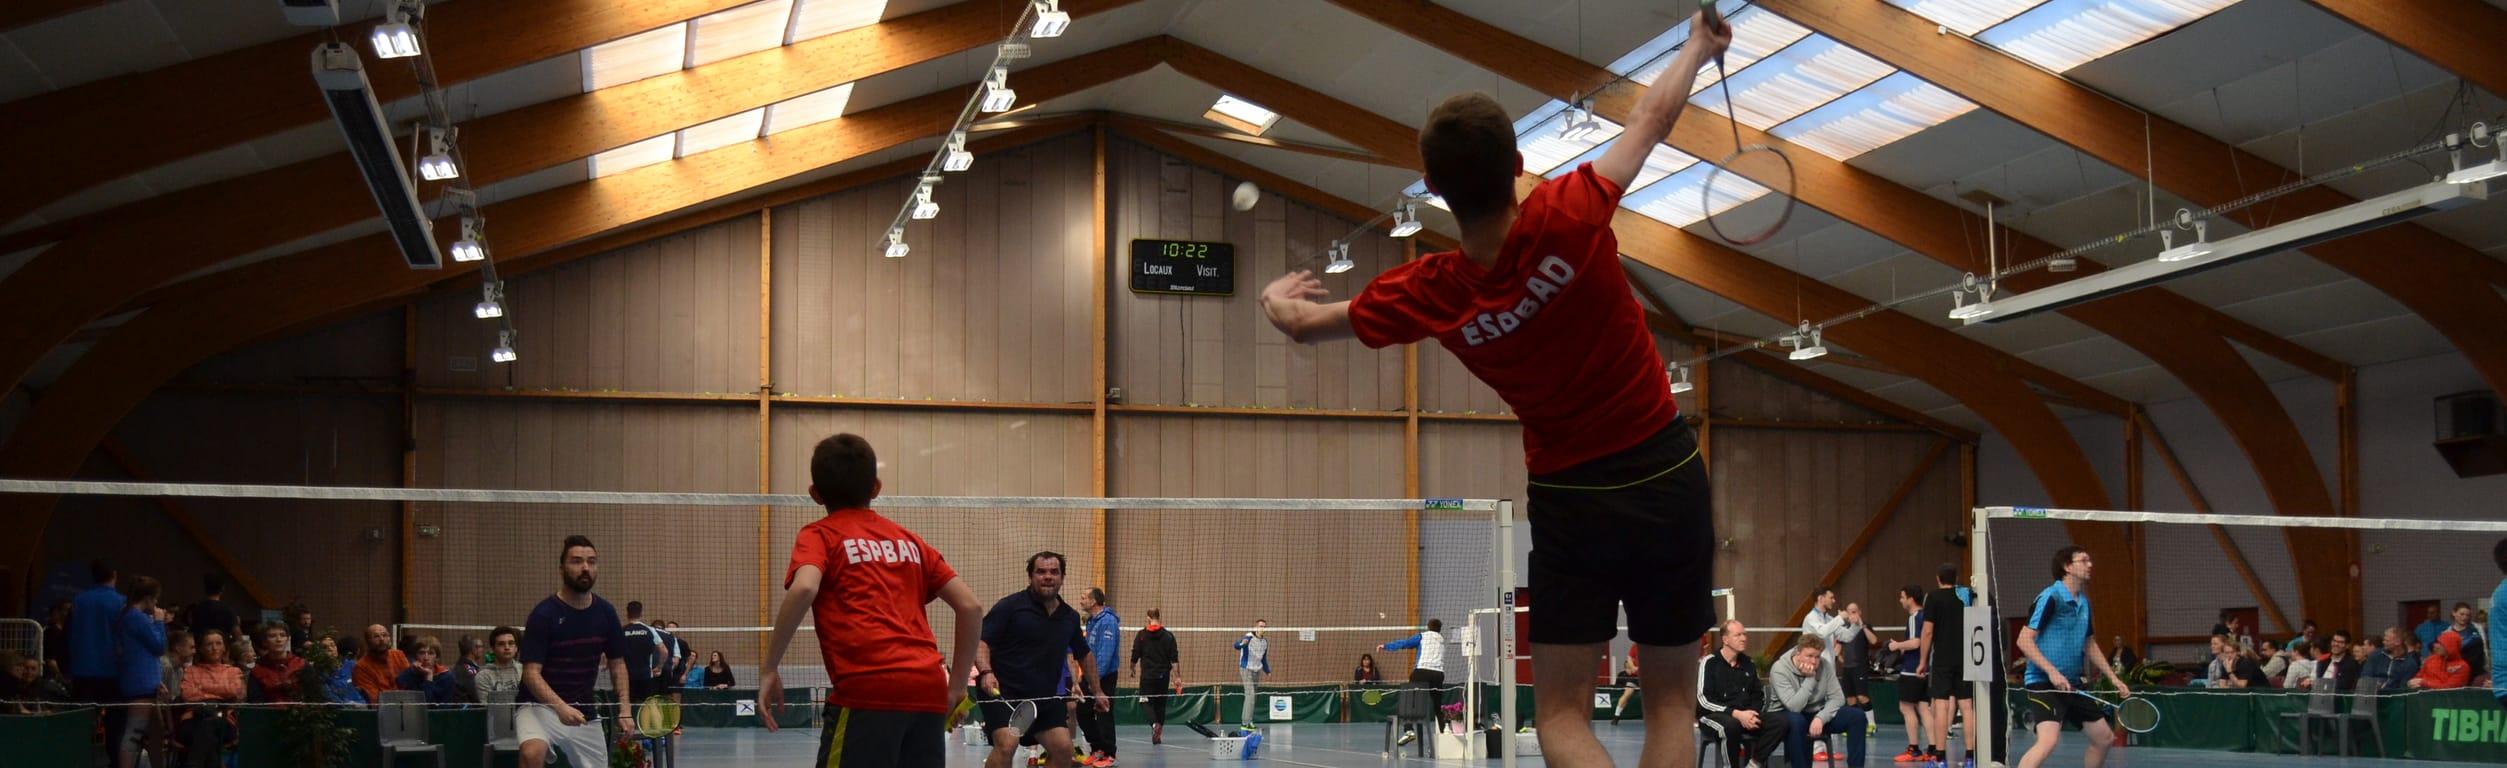 Entente Saint Pierraise de Badminton